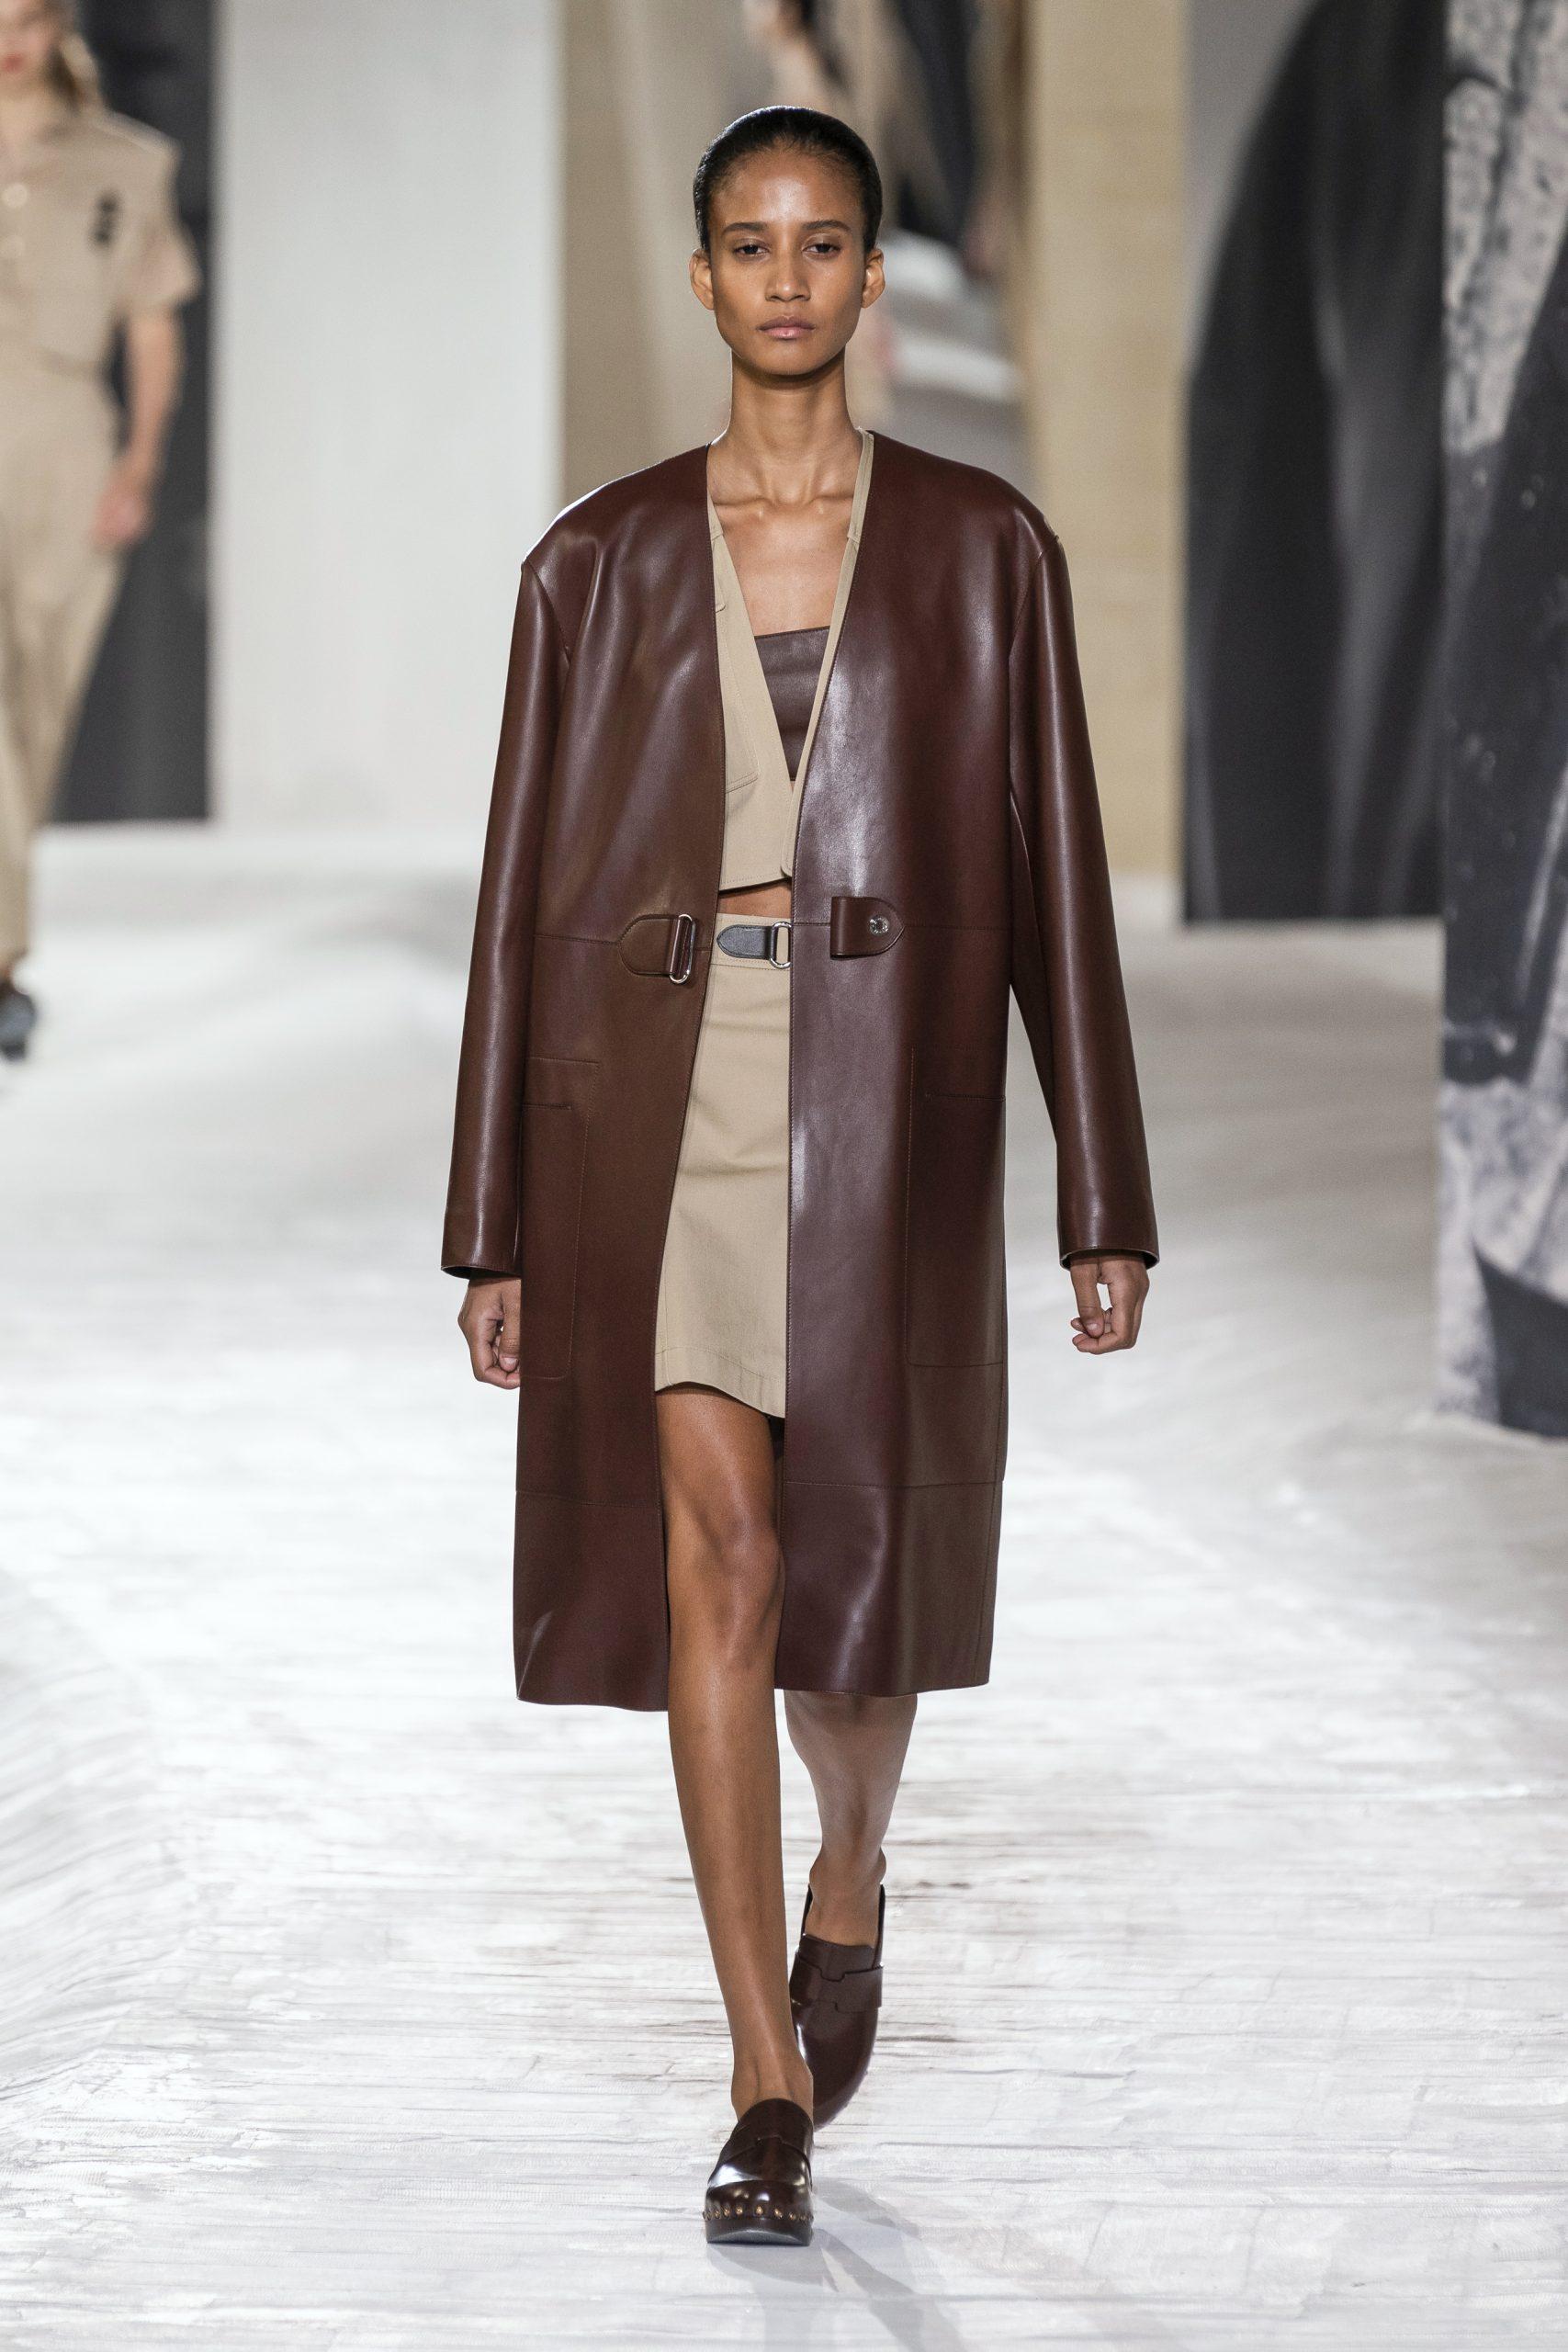 22. kép: Párizsi divathét - Hermès - 2021 tavasz-nyár - ready to wear